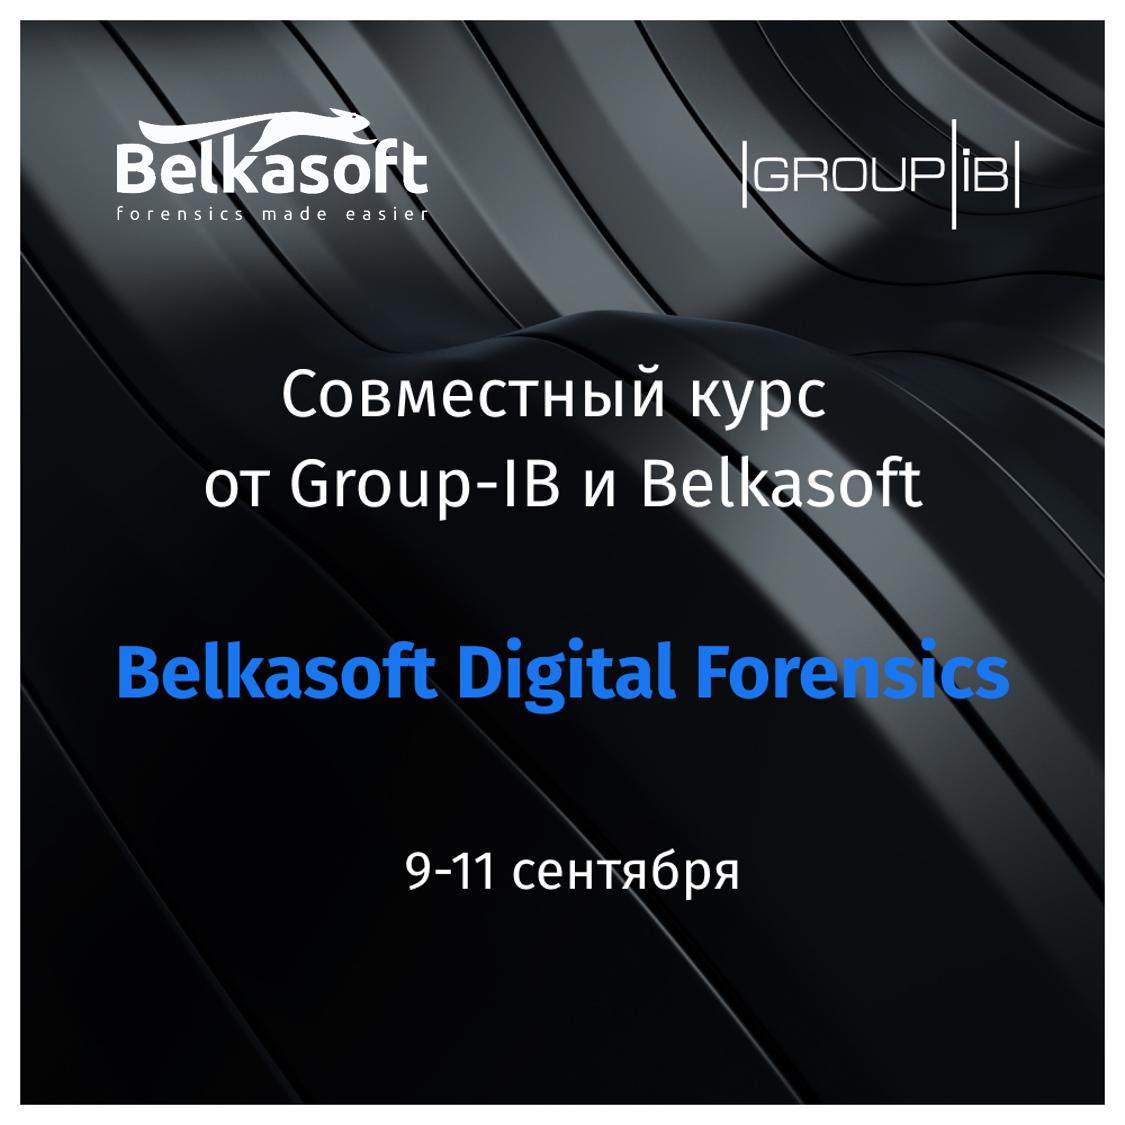 Совместные курсы Group-IB и Belkasoft: чему научим и кому приходить